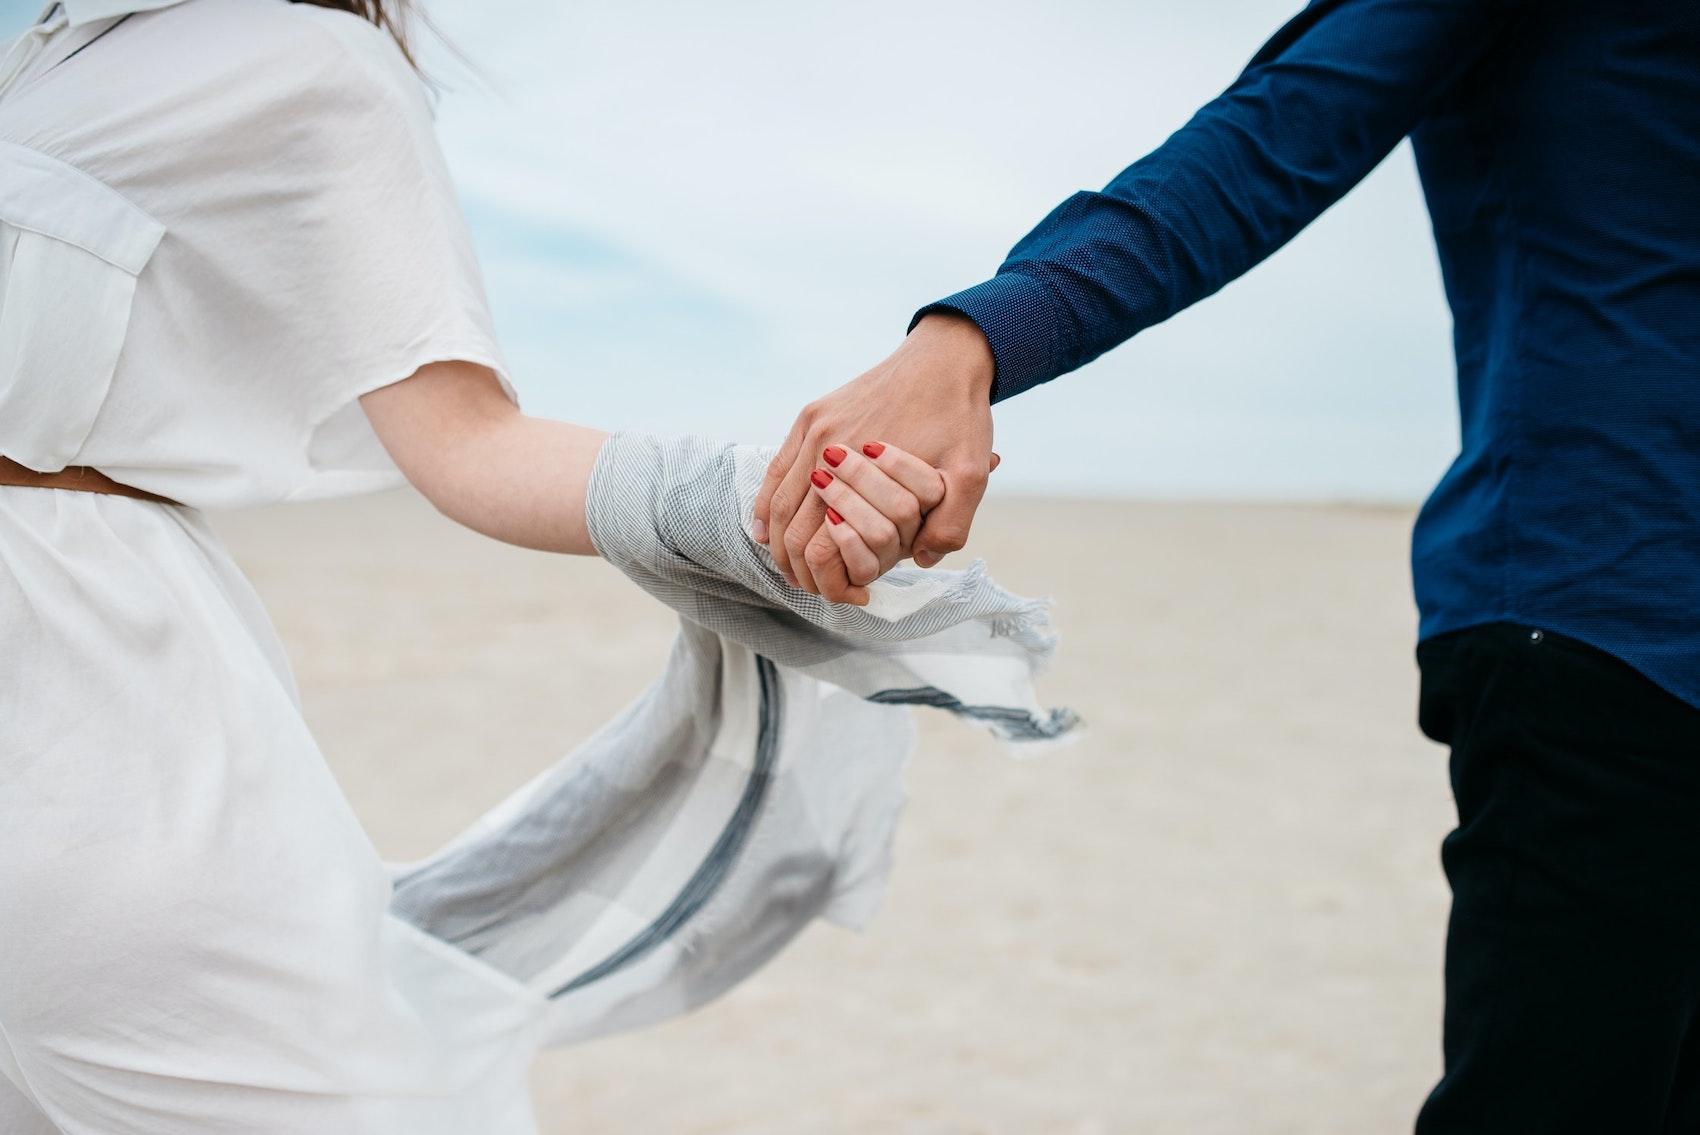 Warum Dürfen Priester Nicht Heiraten